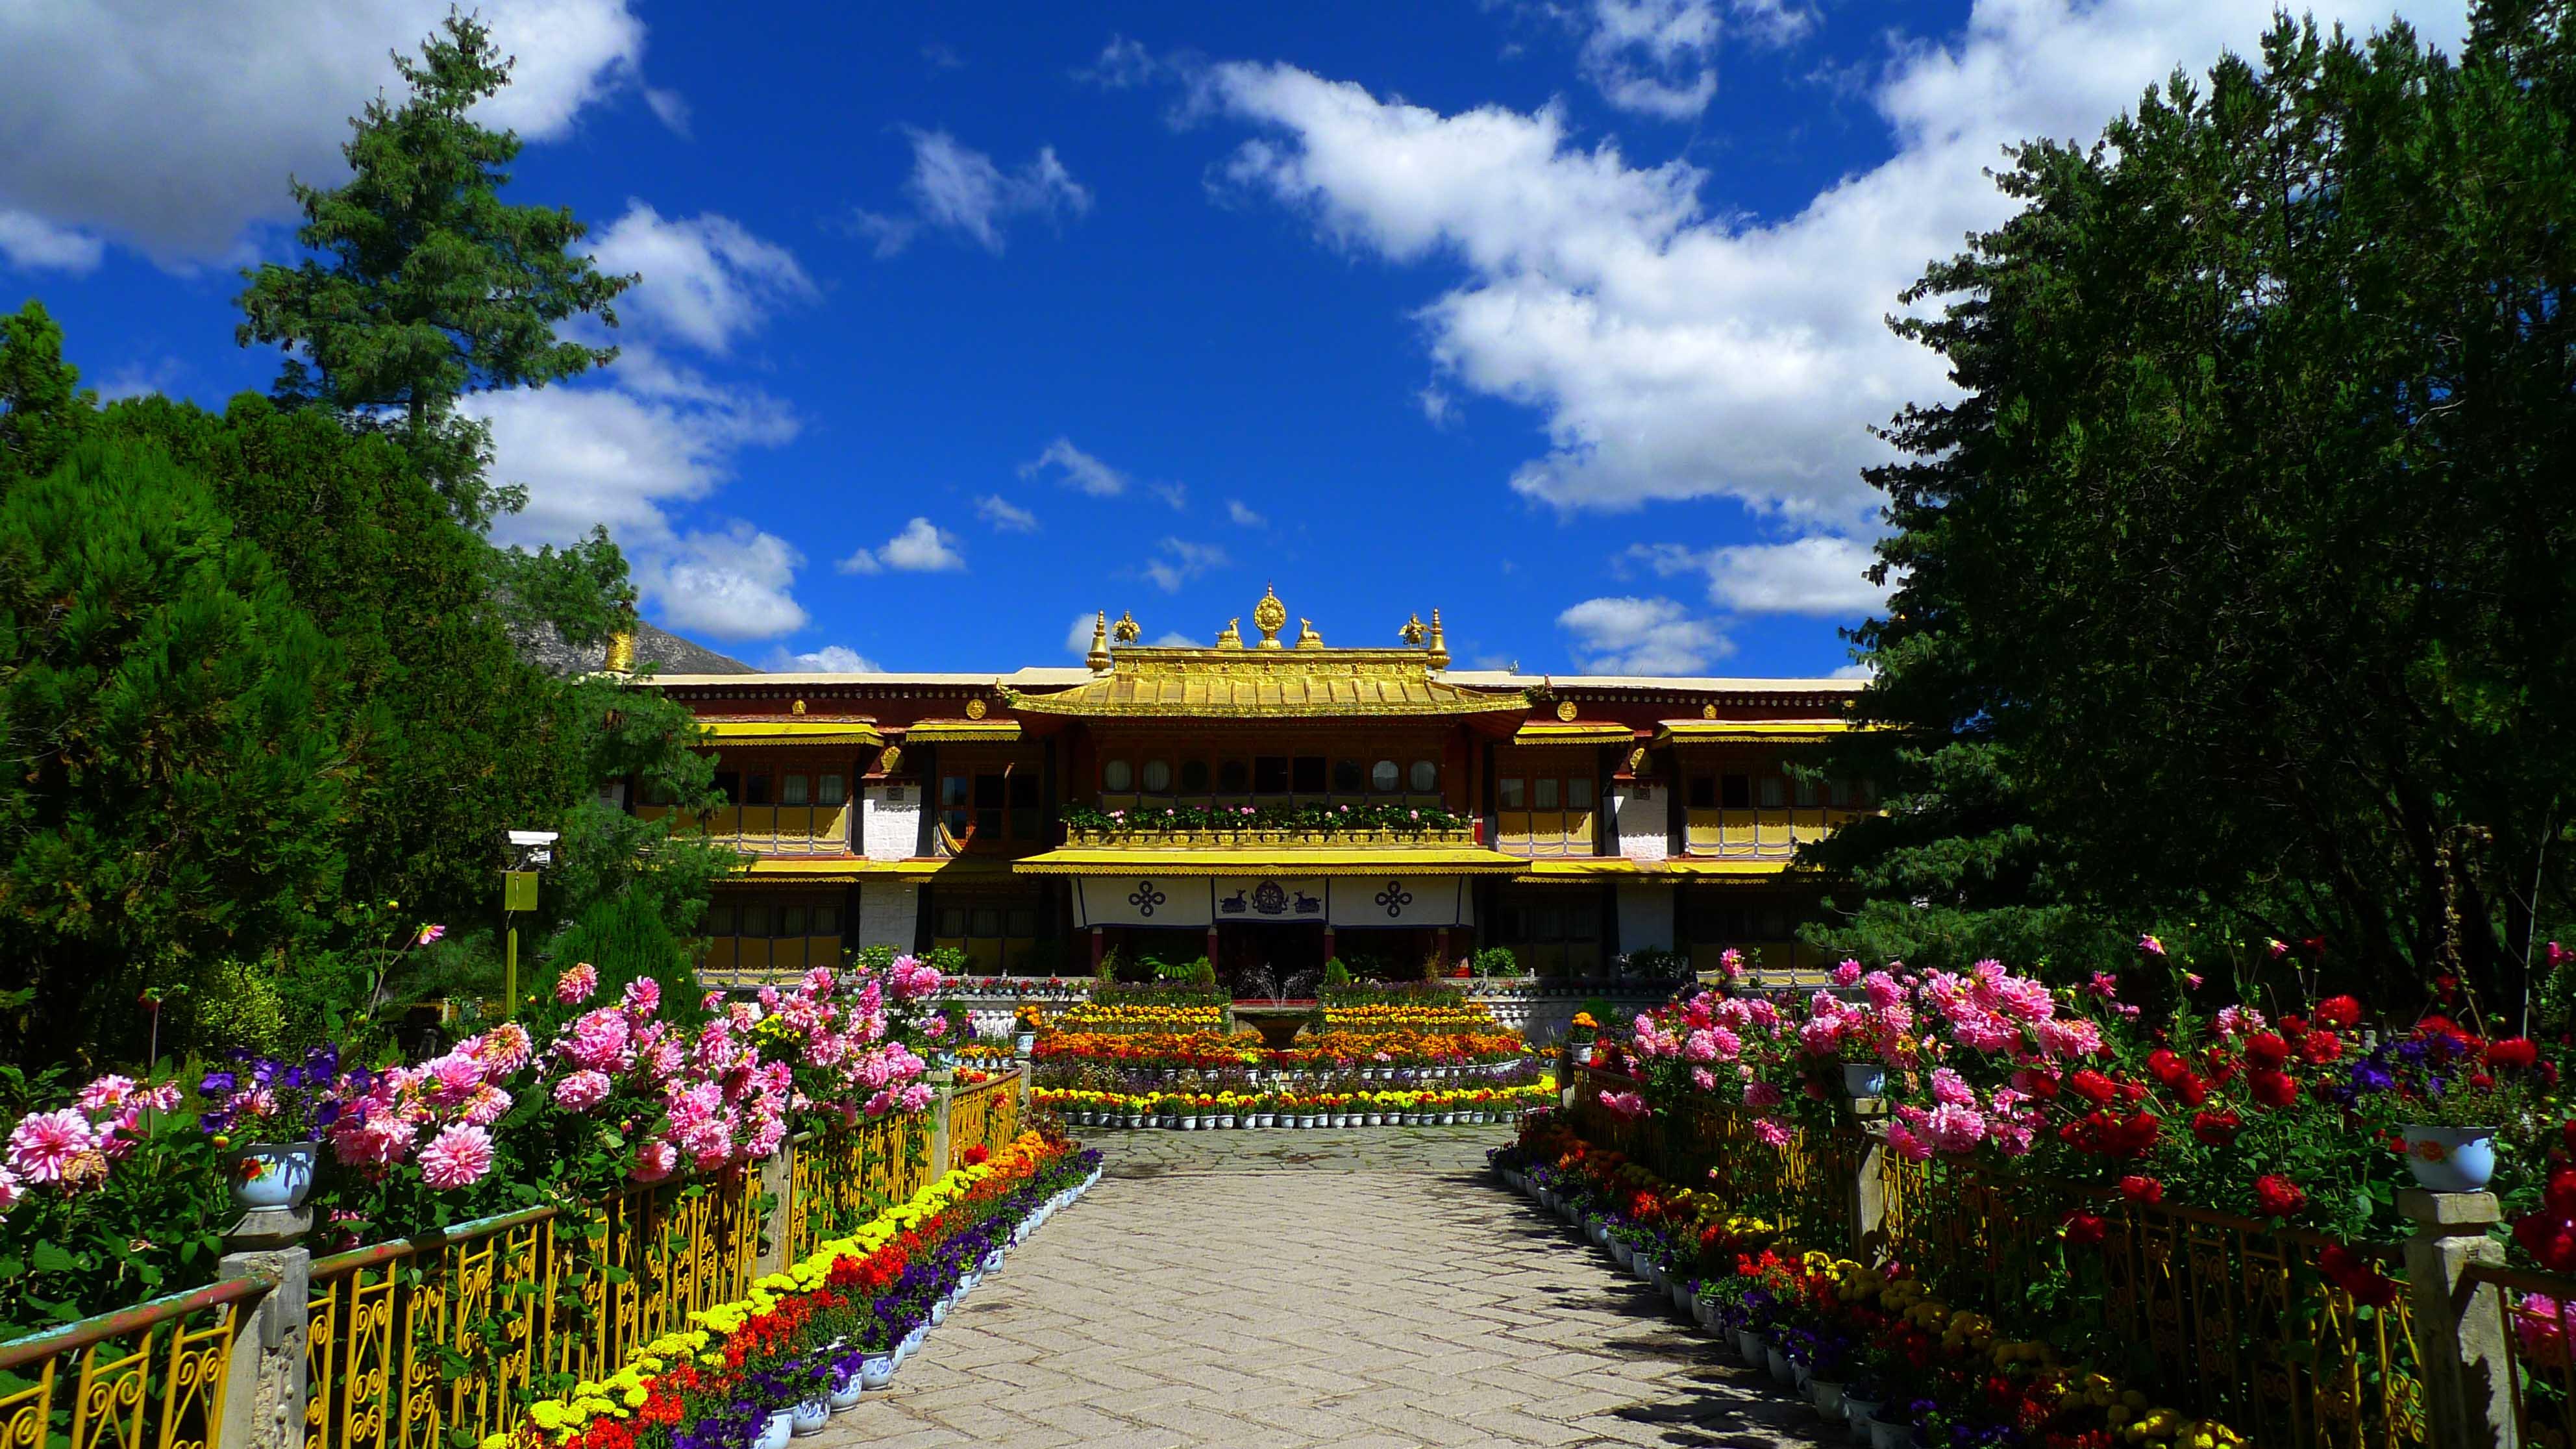 西藏拉萨-罗布林卡,园林,罗布林卡